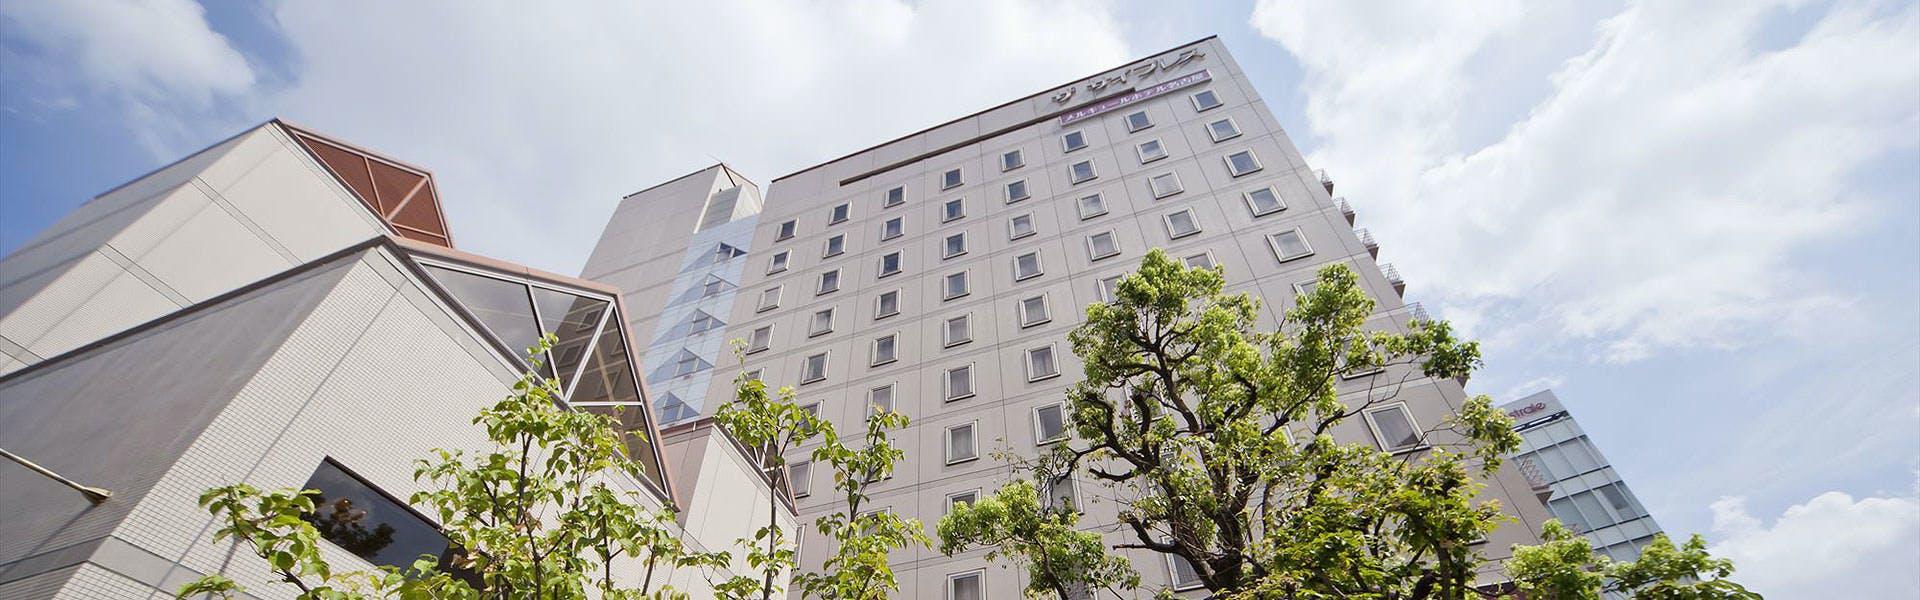 ザ サイプレス メルキュールホテル 名古屋